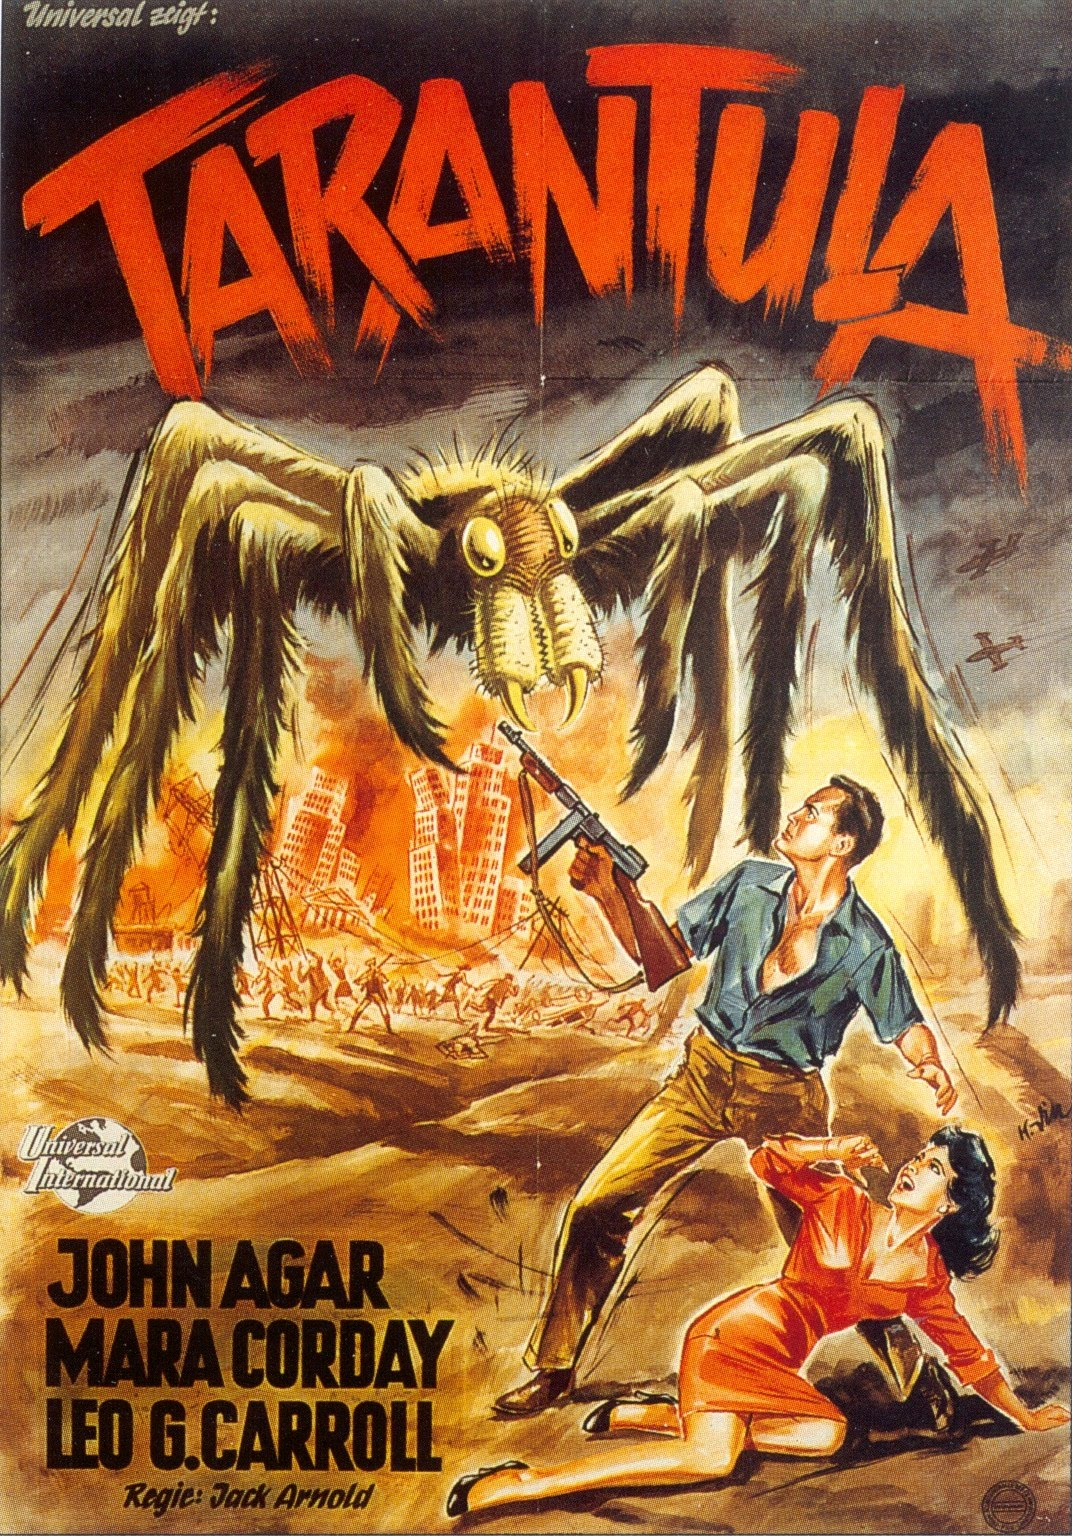 https://horrorpediadotcom.files.wordpress.com/2013/01/tarantula-jack-arnold-1955-8.jpg